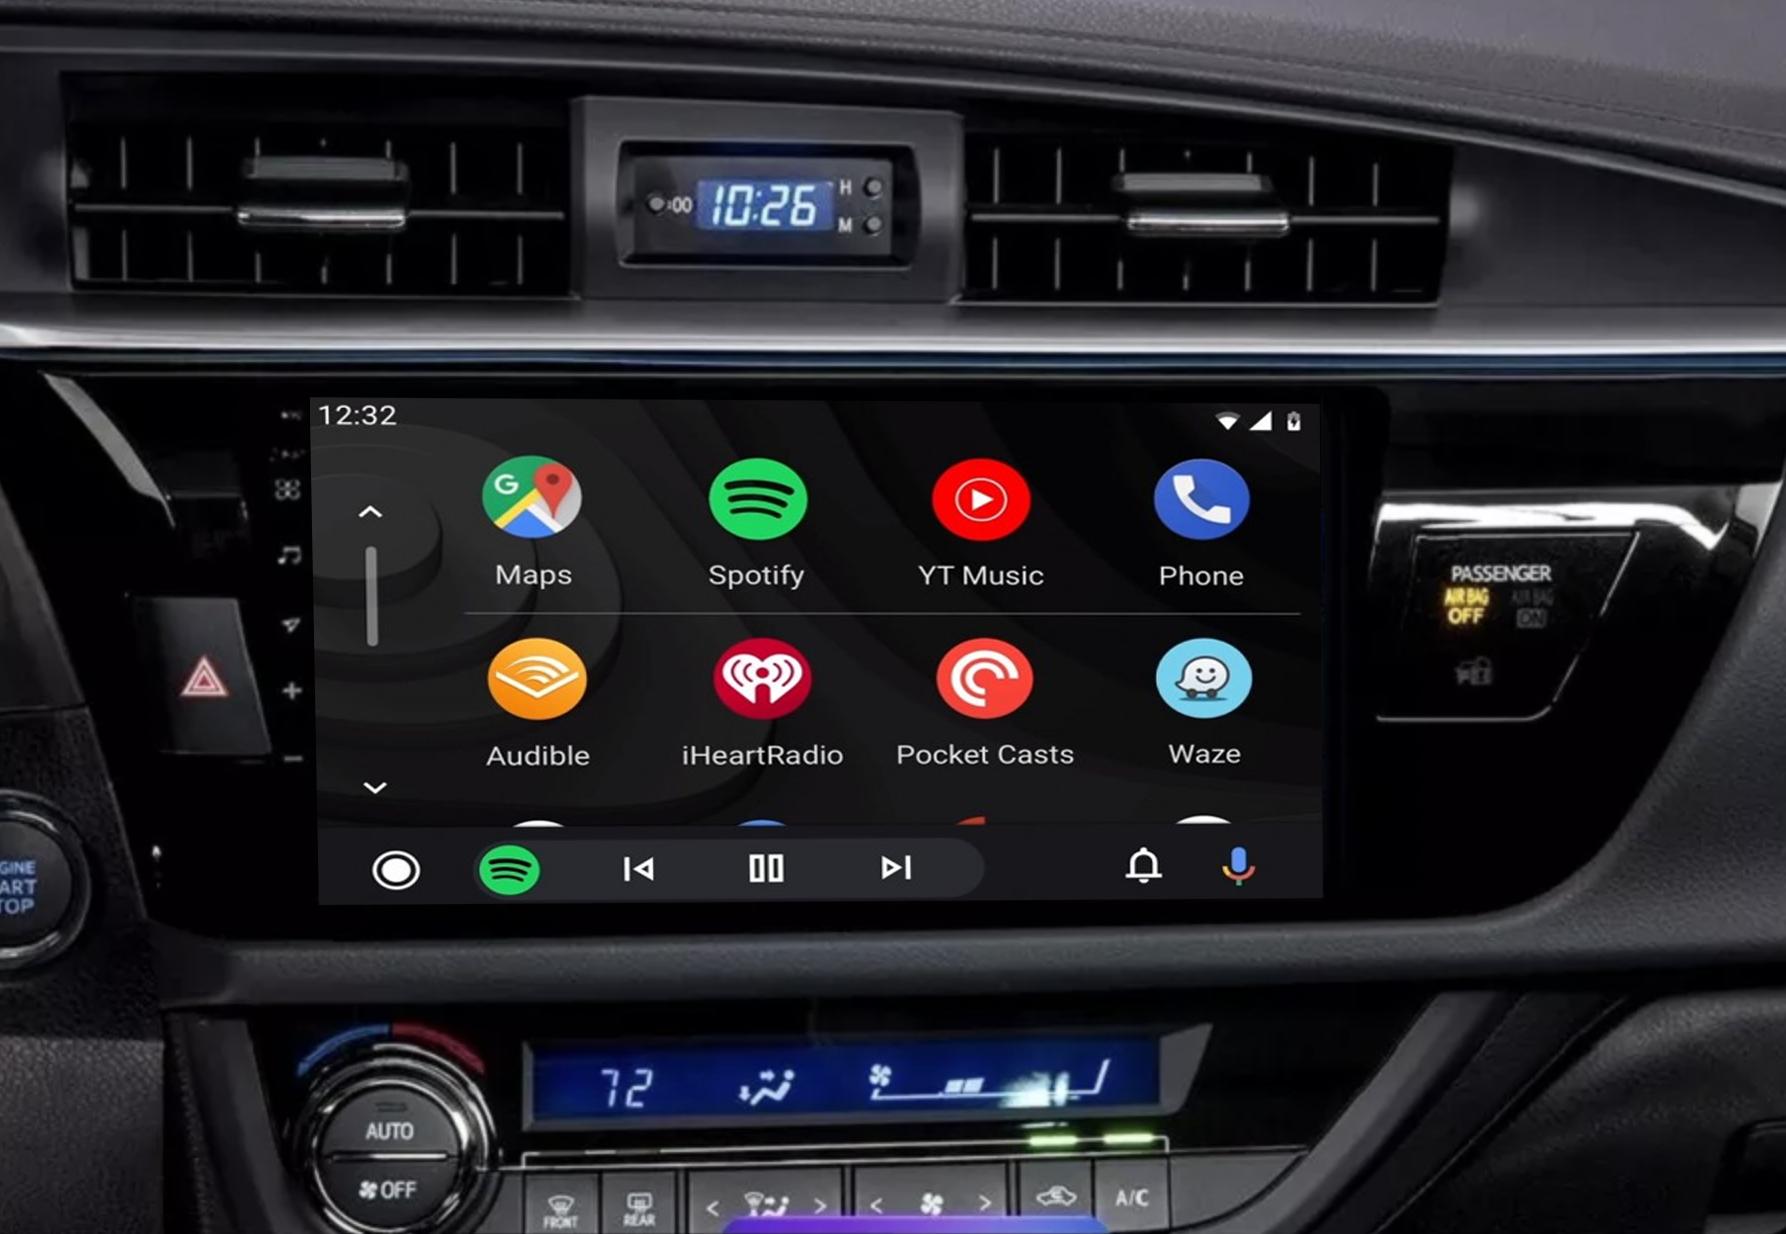 Ecran tactile QLED Android 11.0 Apple Carplay sans fil Toyota Corolla et Auris de 2013 à 2016